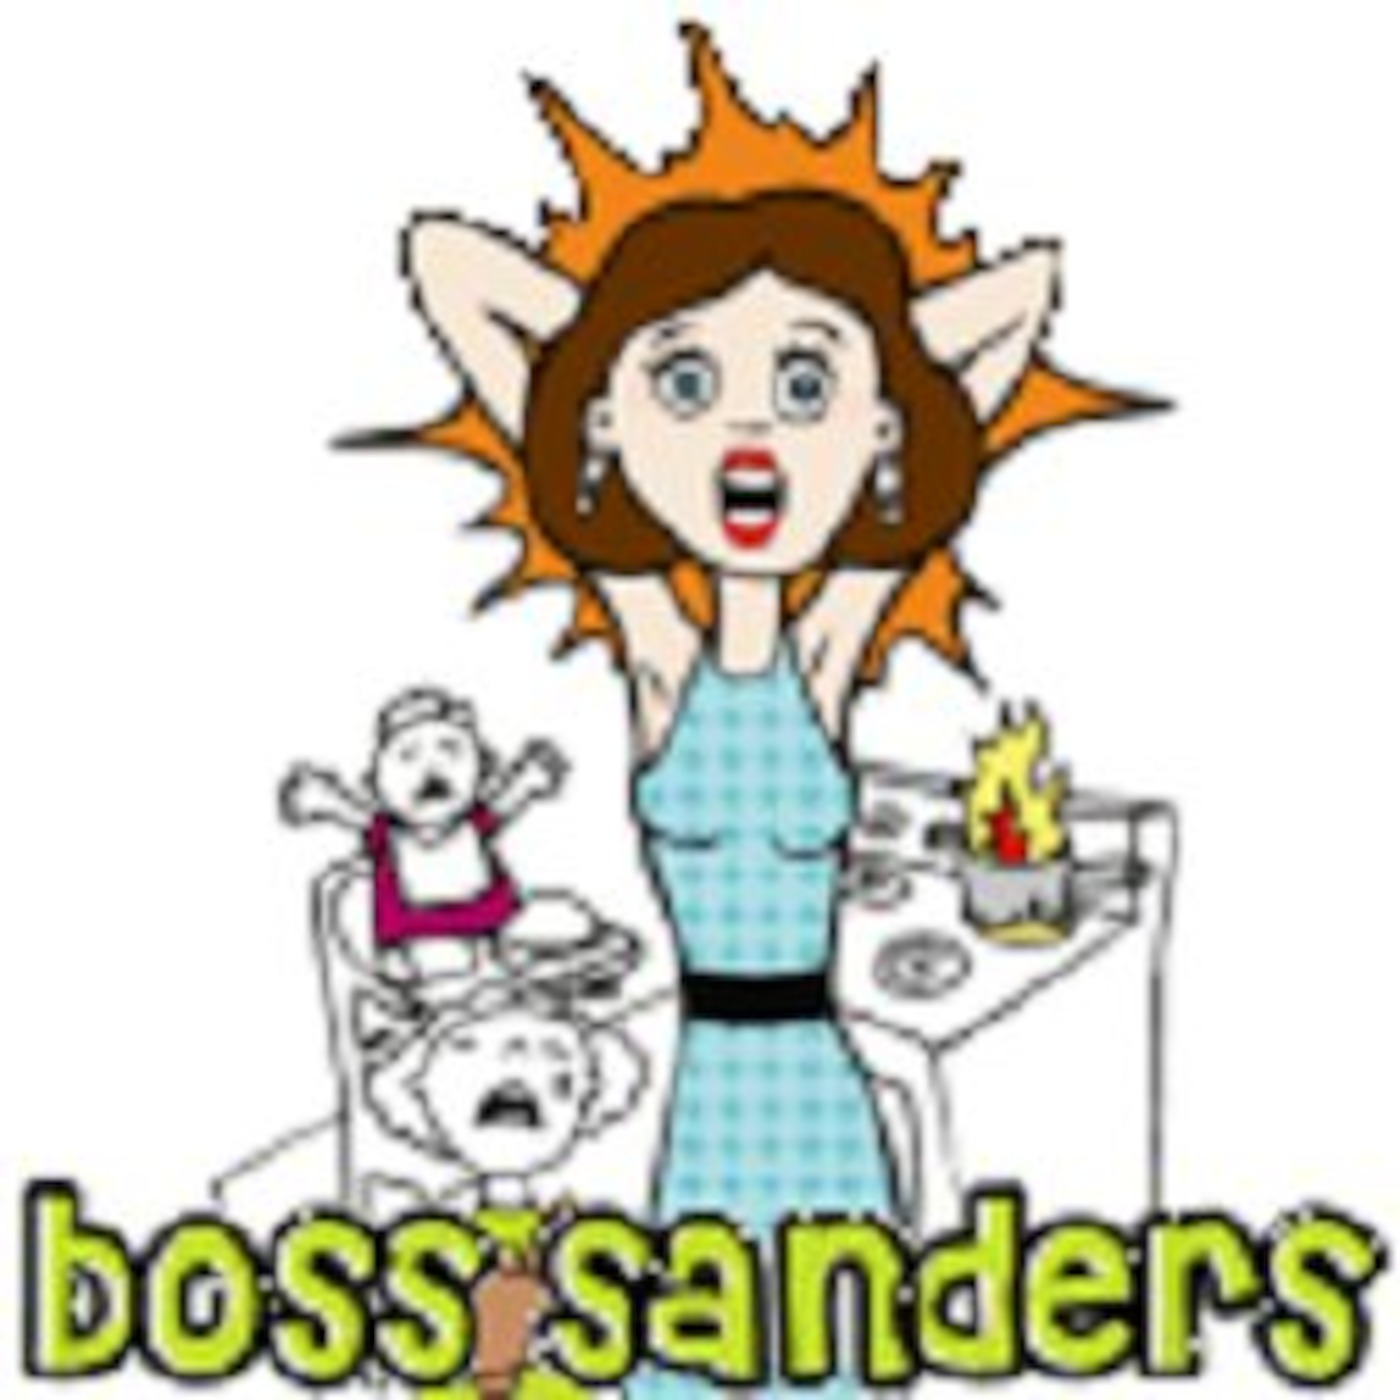 Bosssanders' Devotions